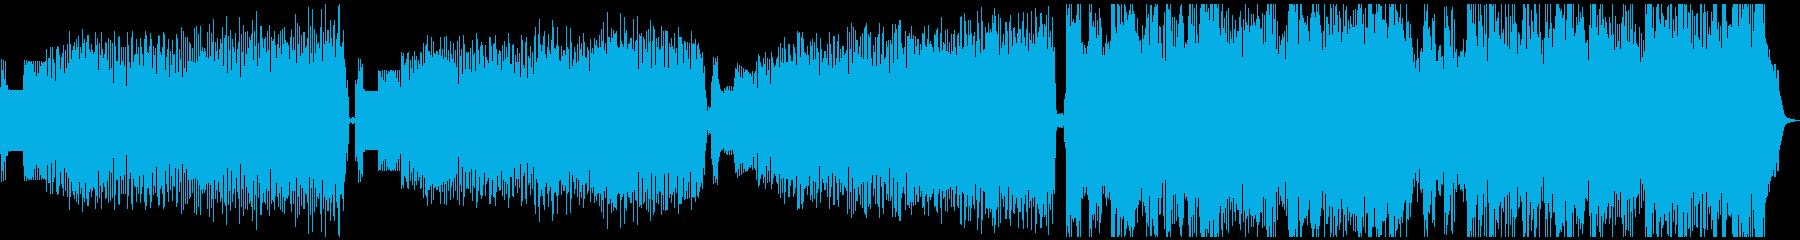 冷ややかな電子/ロック後の瞑想。メ...の再生済みの波形